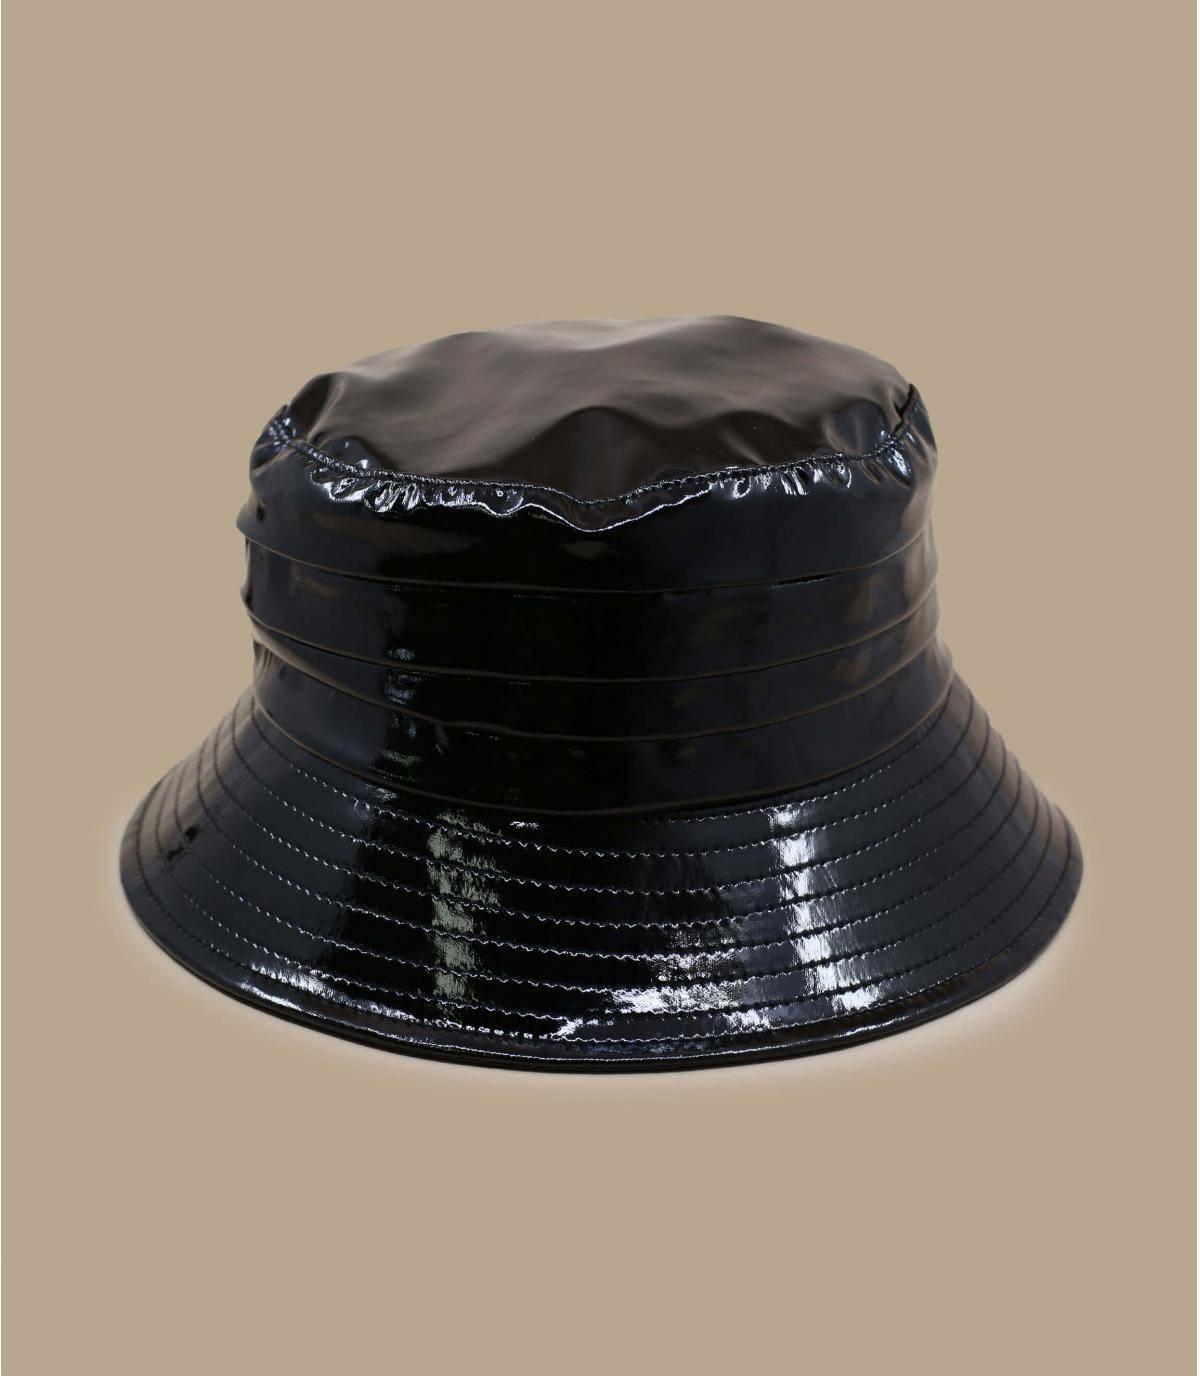 Water repellent bucket hat